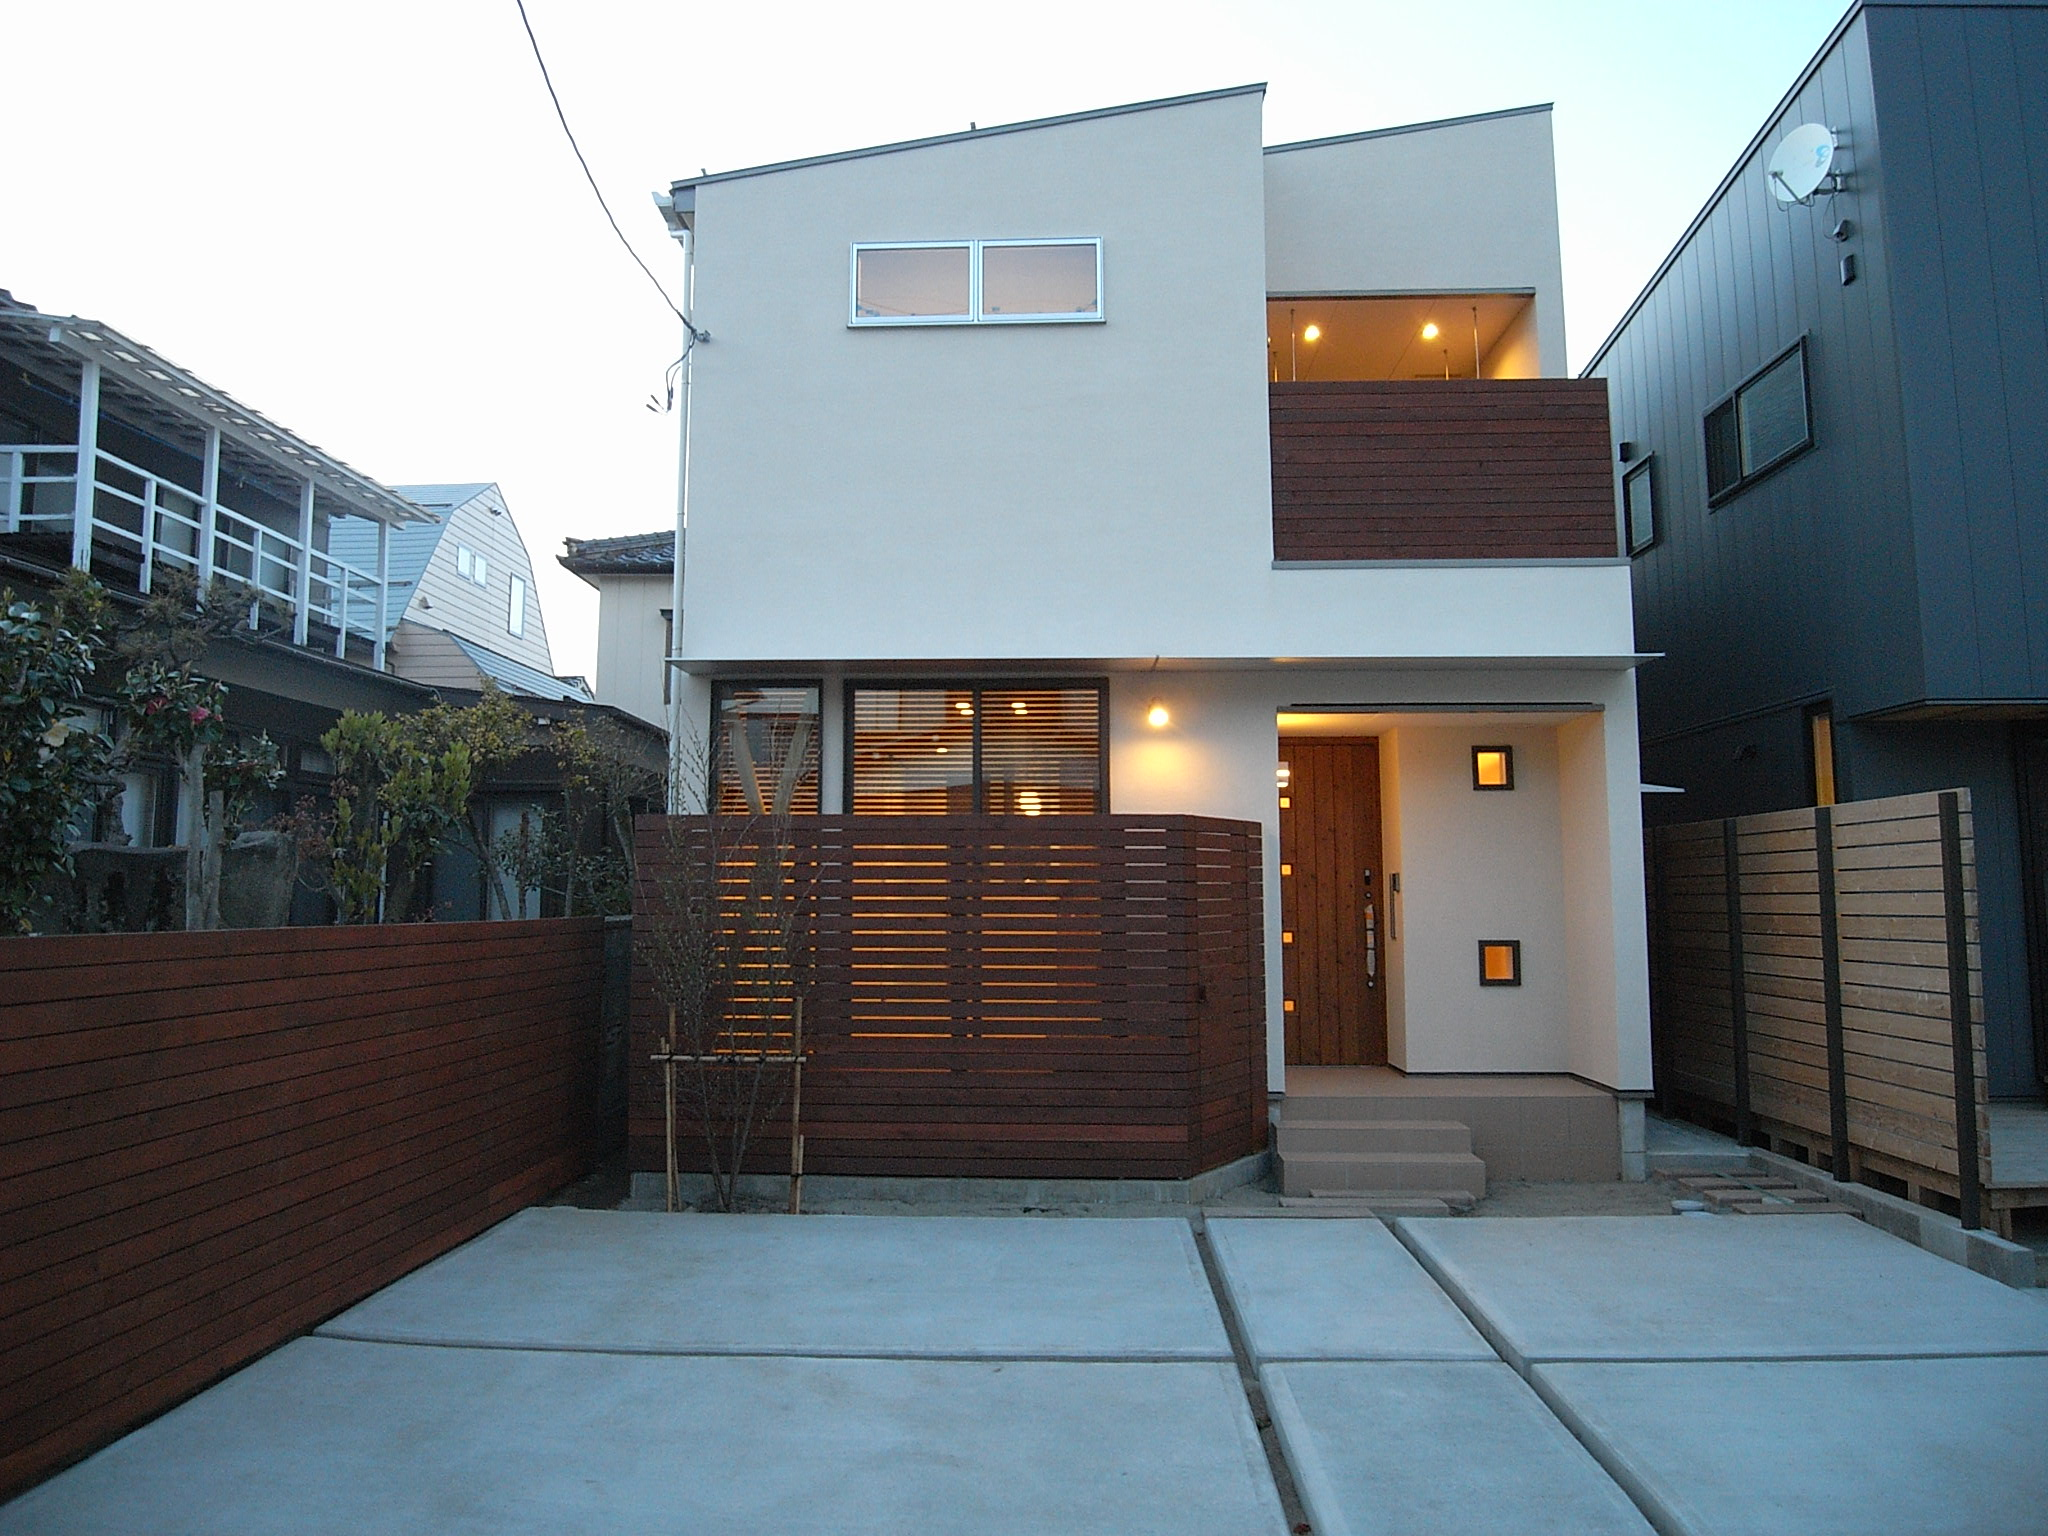 新潟市 設計事務所 住宅設計